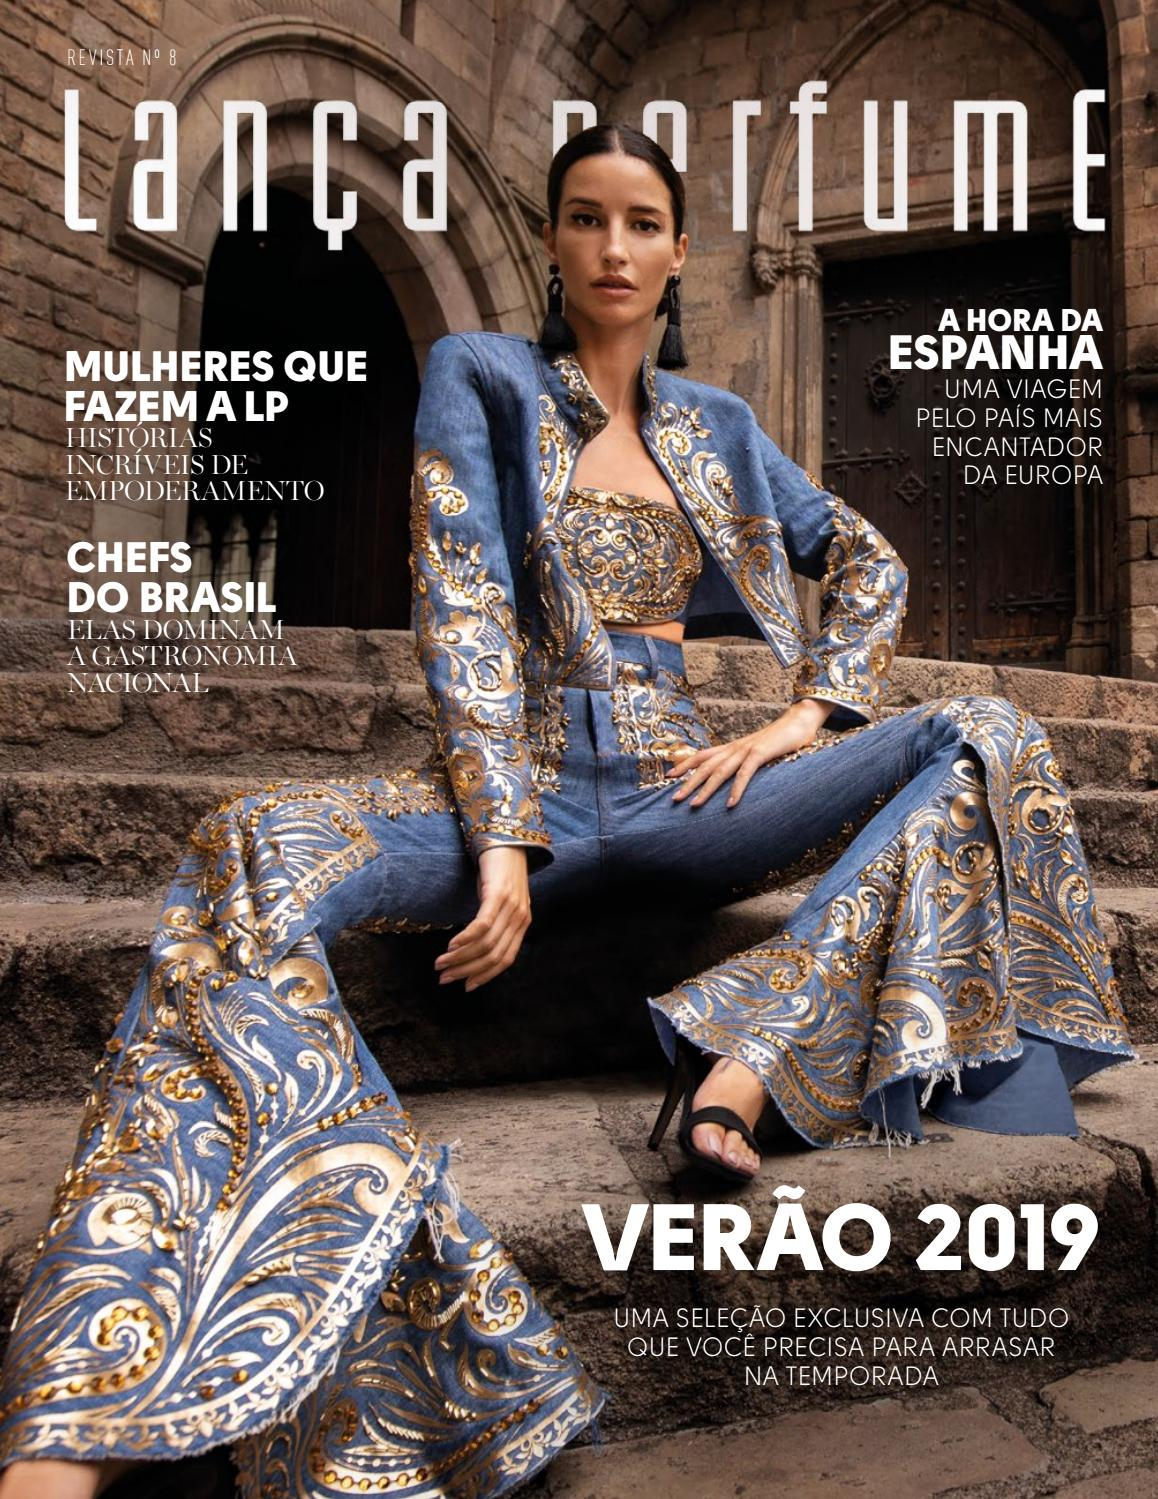 482e7be0b Revista Alto Verão 19   Lança Perfume by Lanca Perfume - issuu